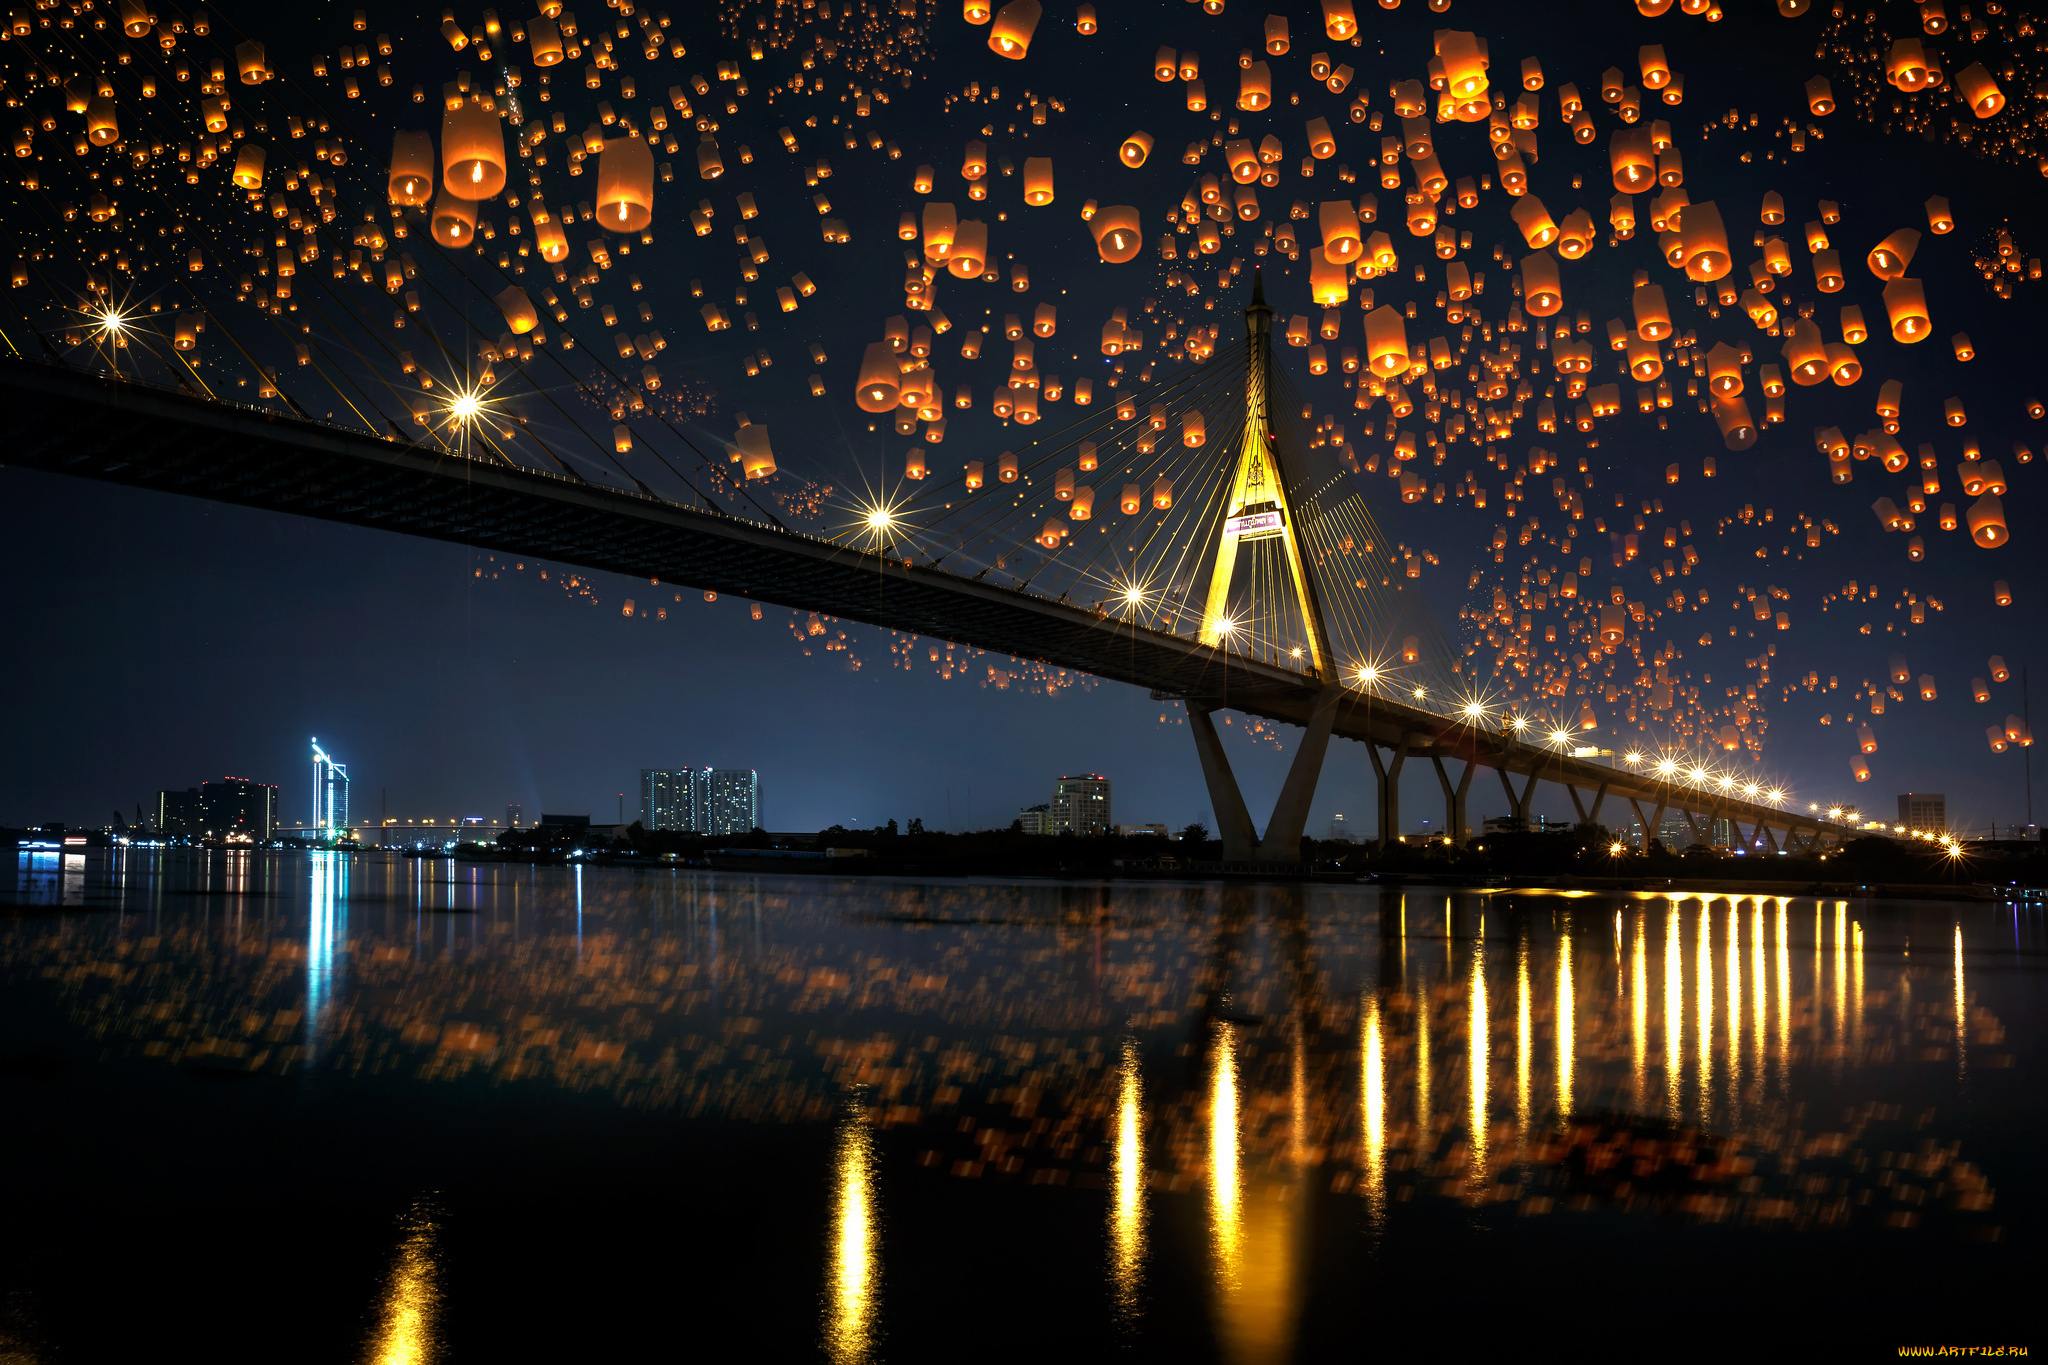 мост огни свечение ночь  № 3369503  скачать